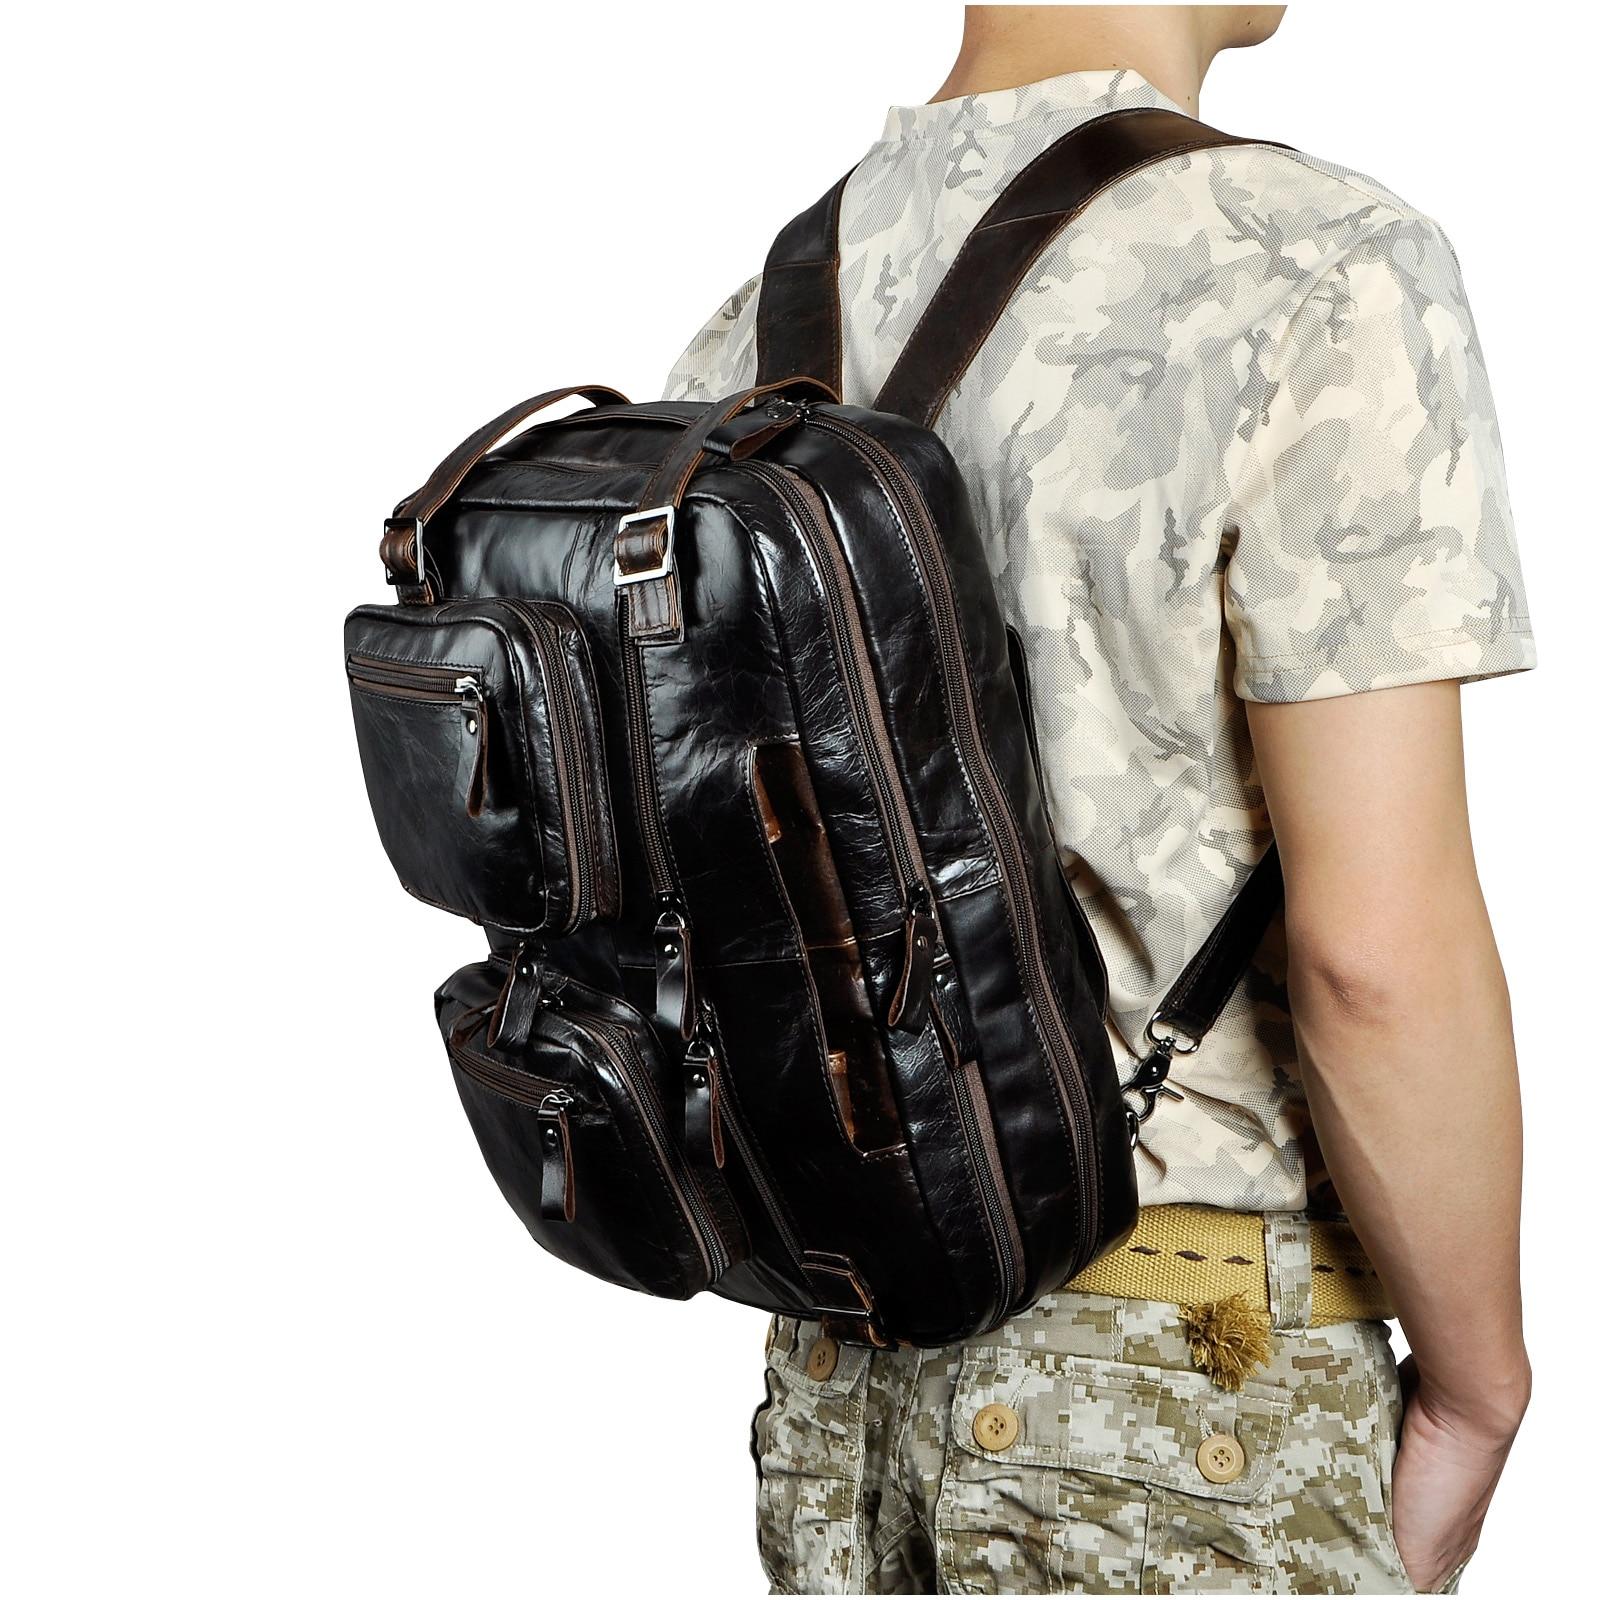 Véritable en cuir véritable mode mallette d'affaires Messenger sac mâle Design voyage ordinateur portable porte-documents fourre-tout portefeuille sac k1013c - 3